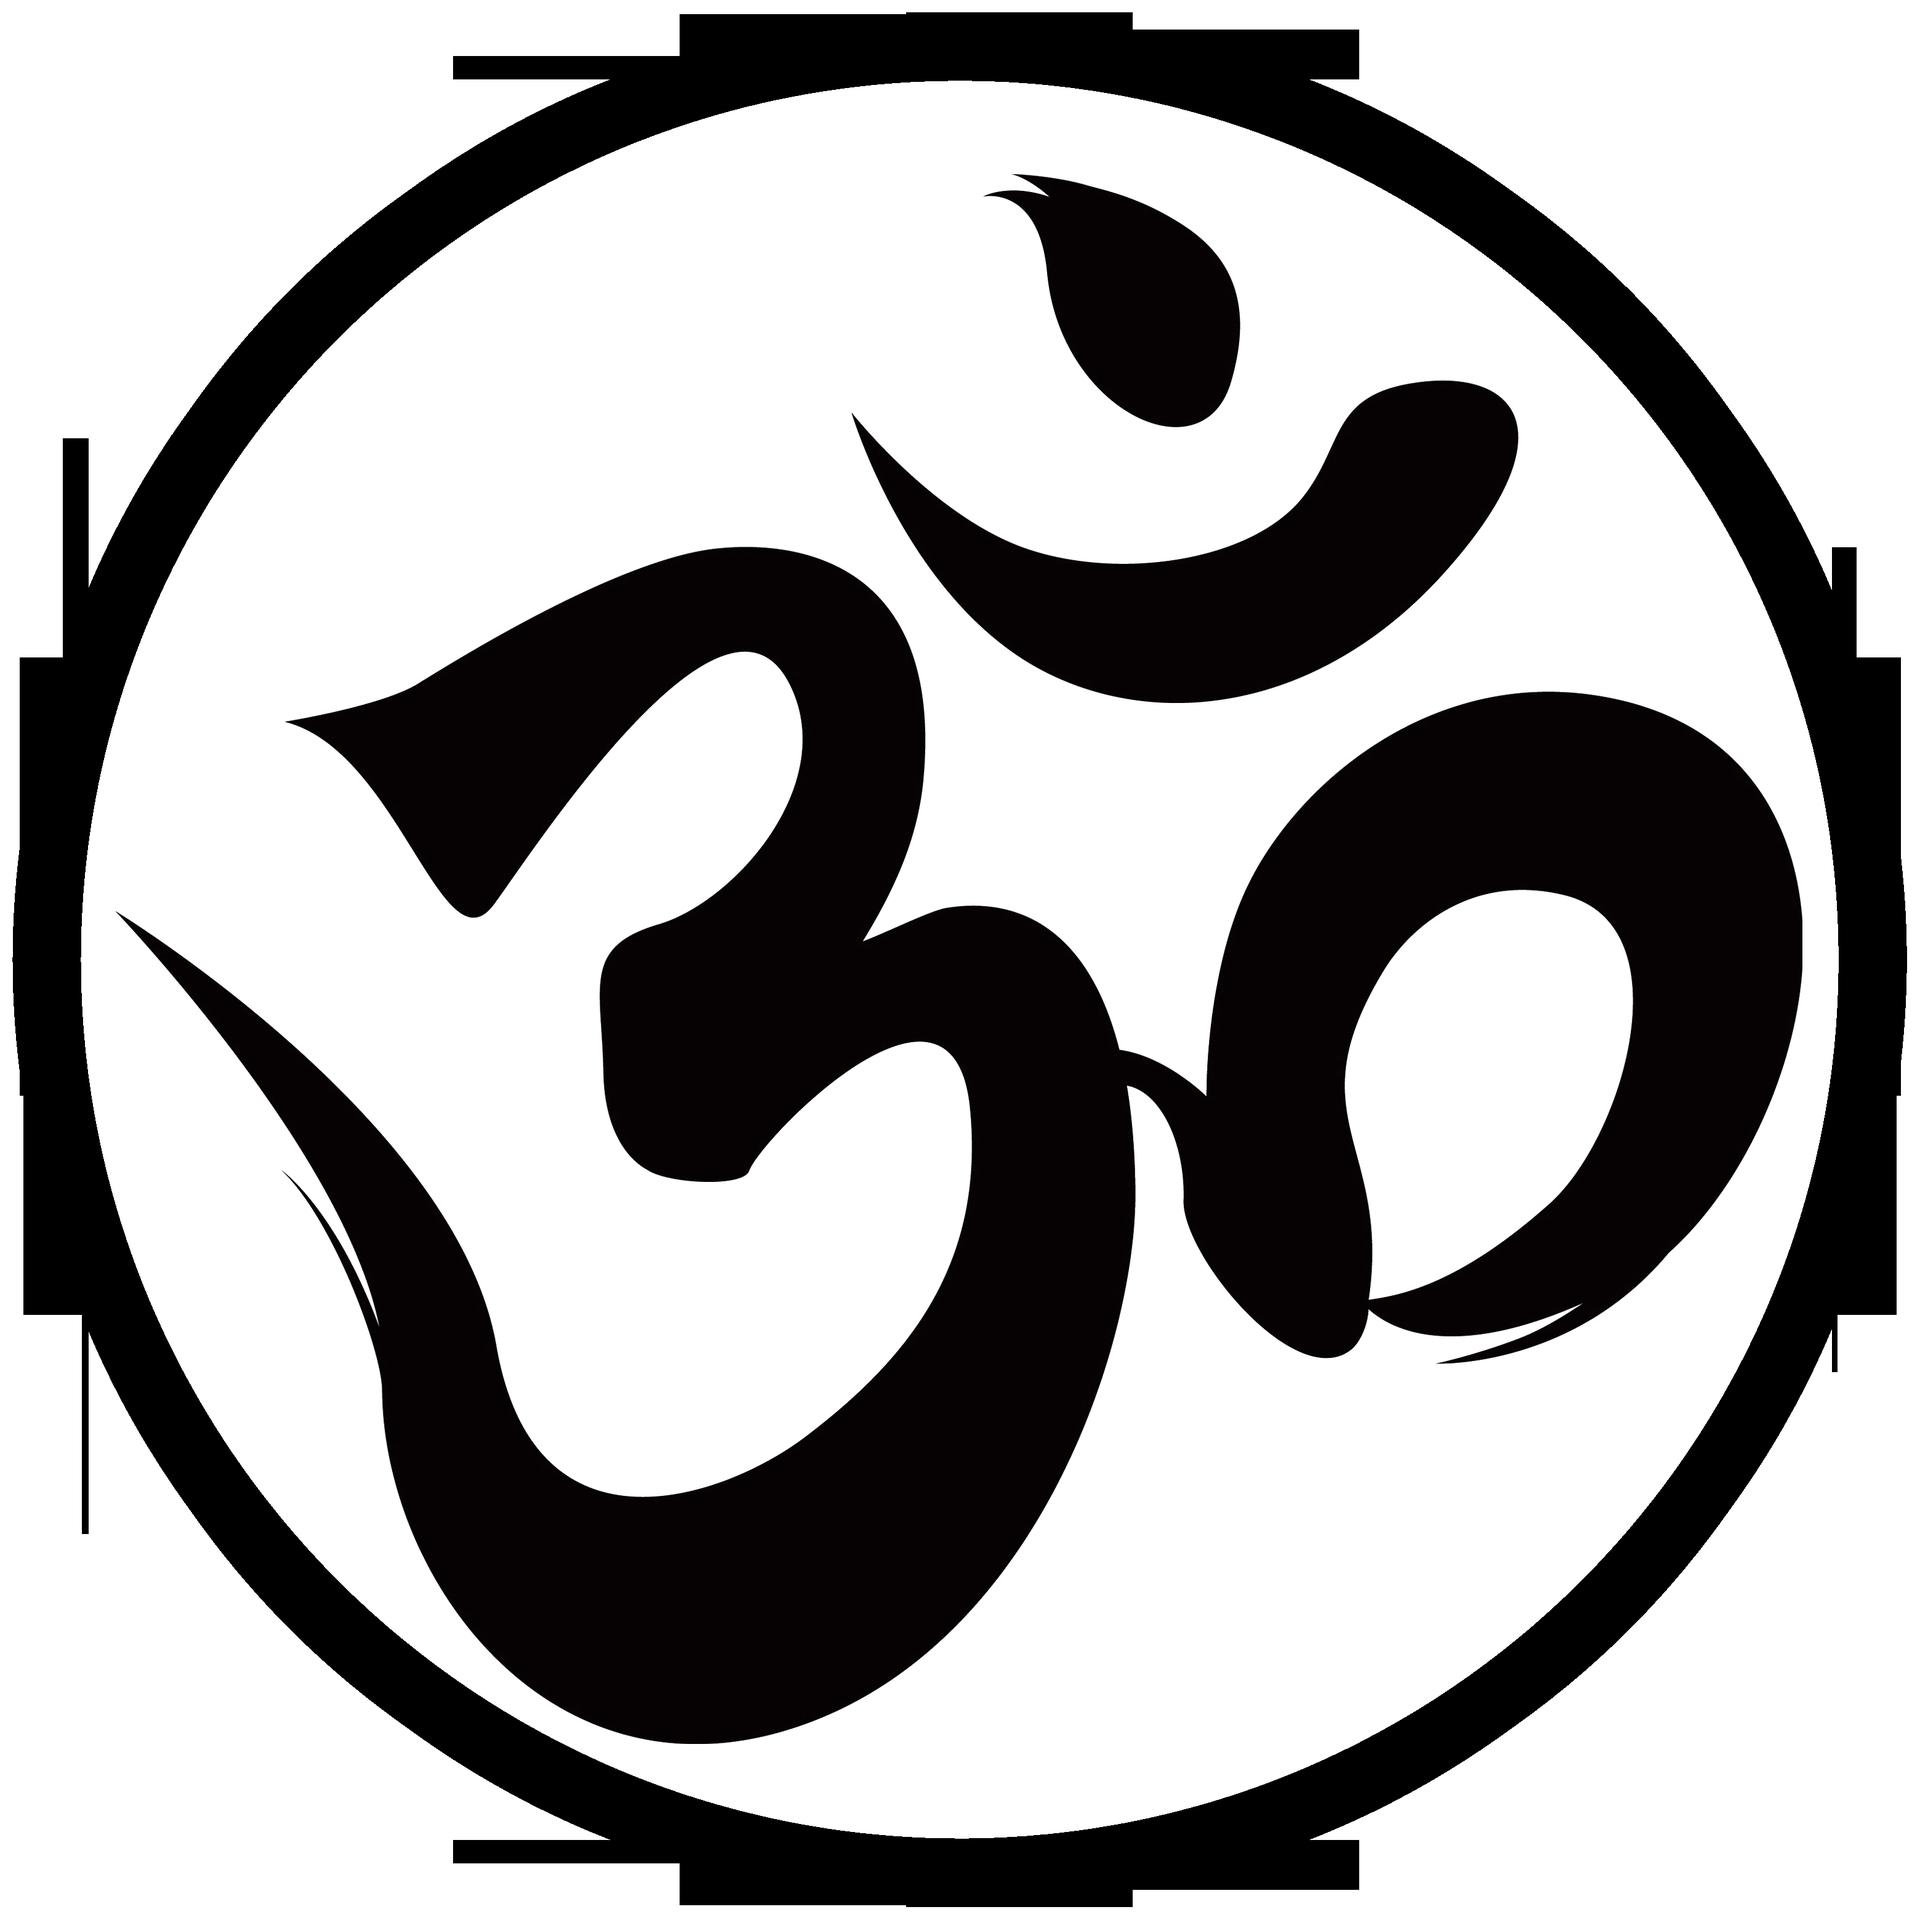 Om Logo Symbol Only Large Png 1920 1920 Om Tattoo Symbols Om Tattoo Design